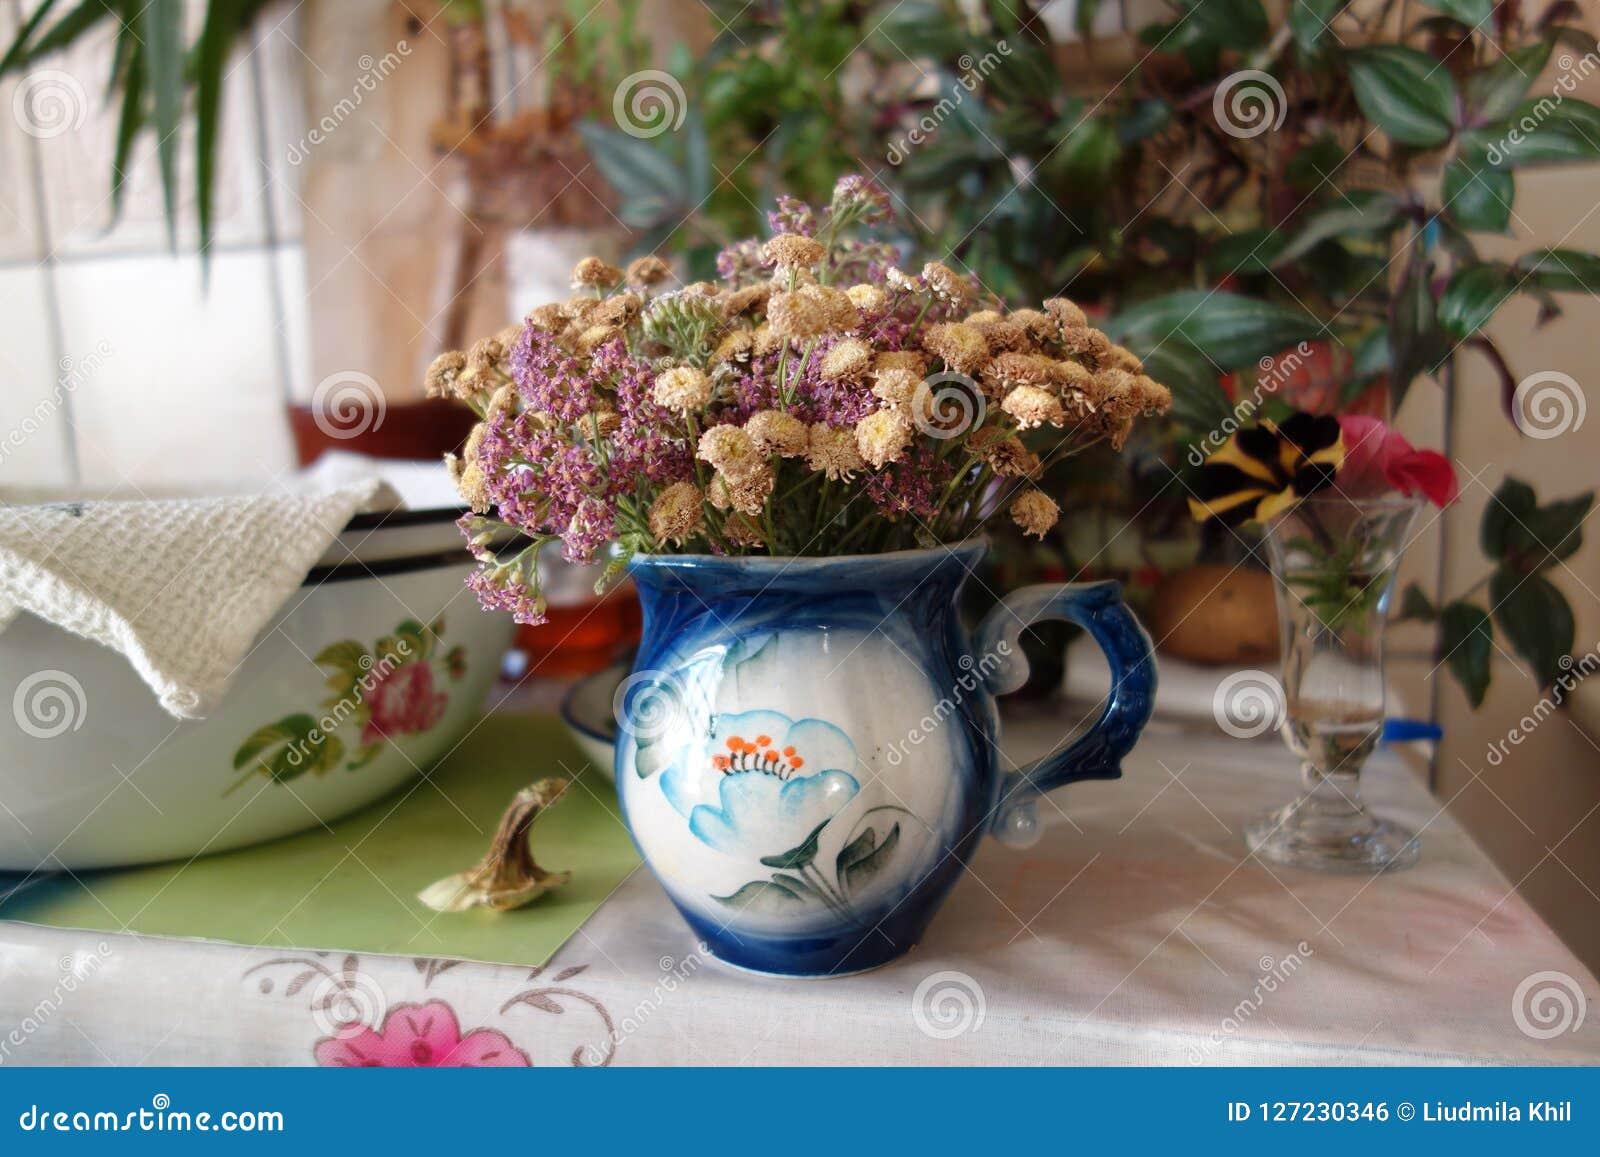 Table de cuisine avec un bouquet sec de fleurs